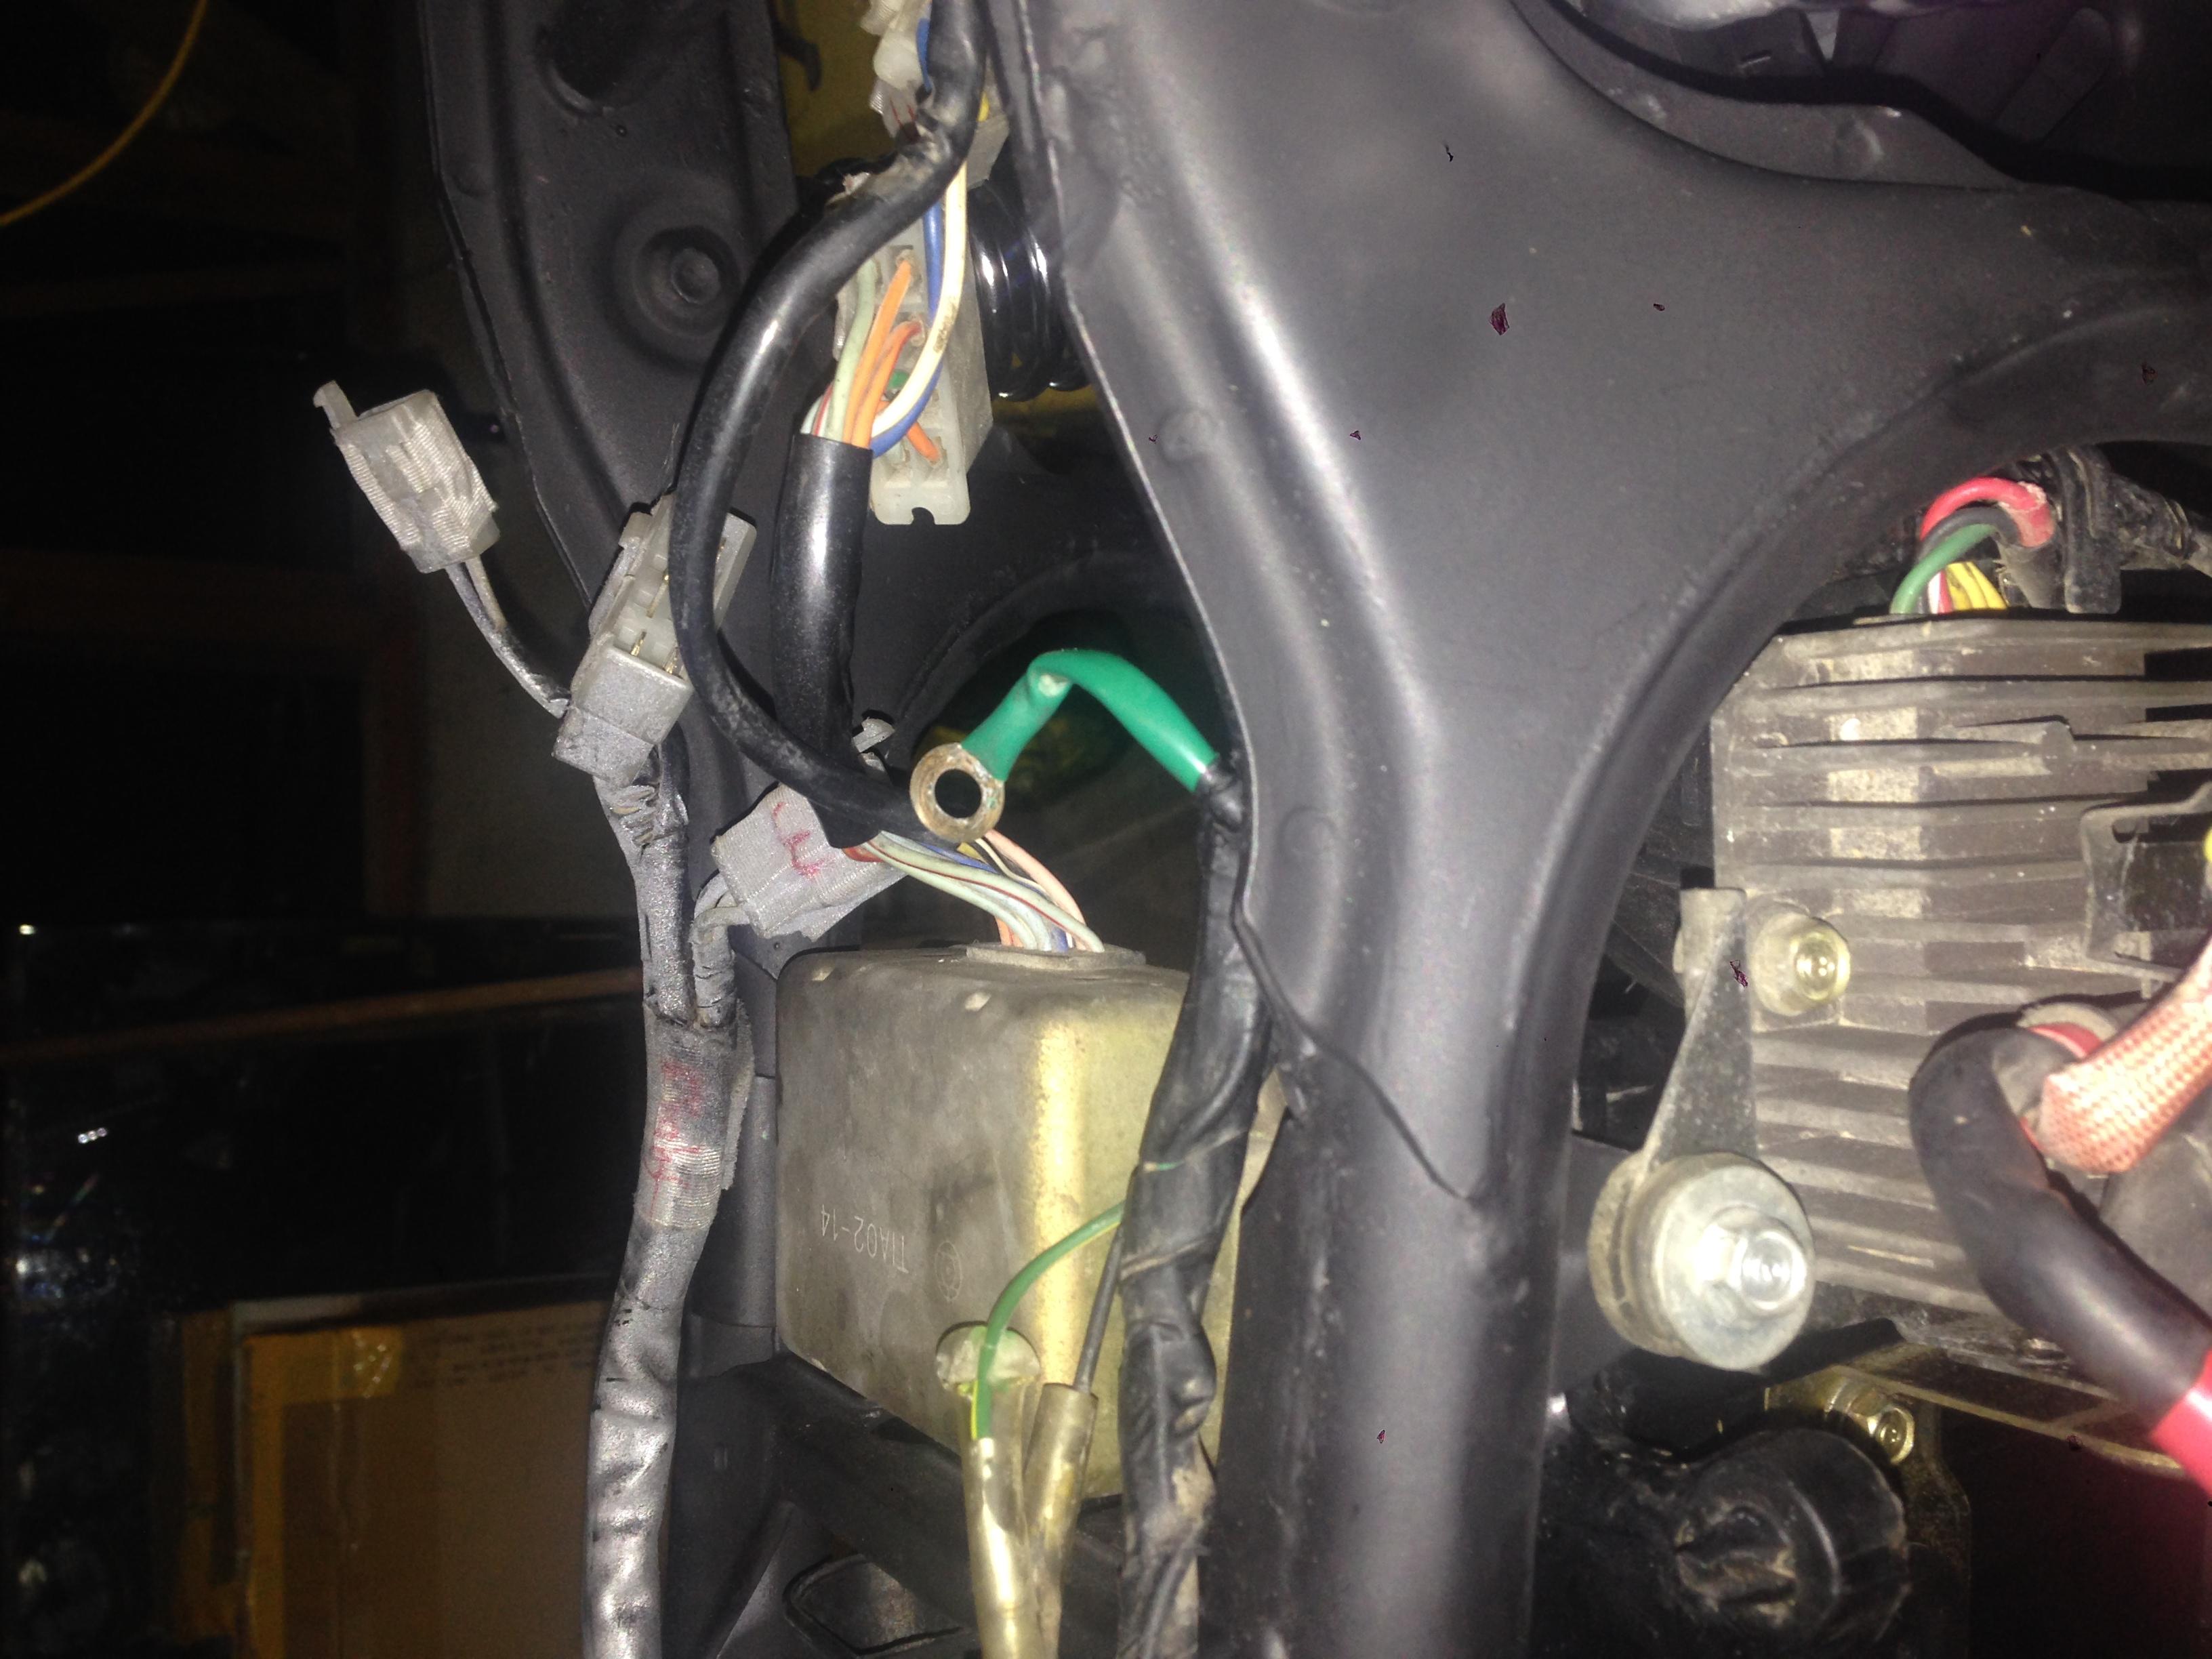 1978 honda cx500 wiring help photo 1 2 jpg views 1197 size 1 71